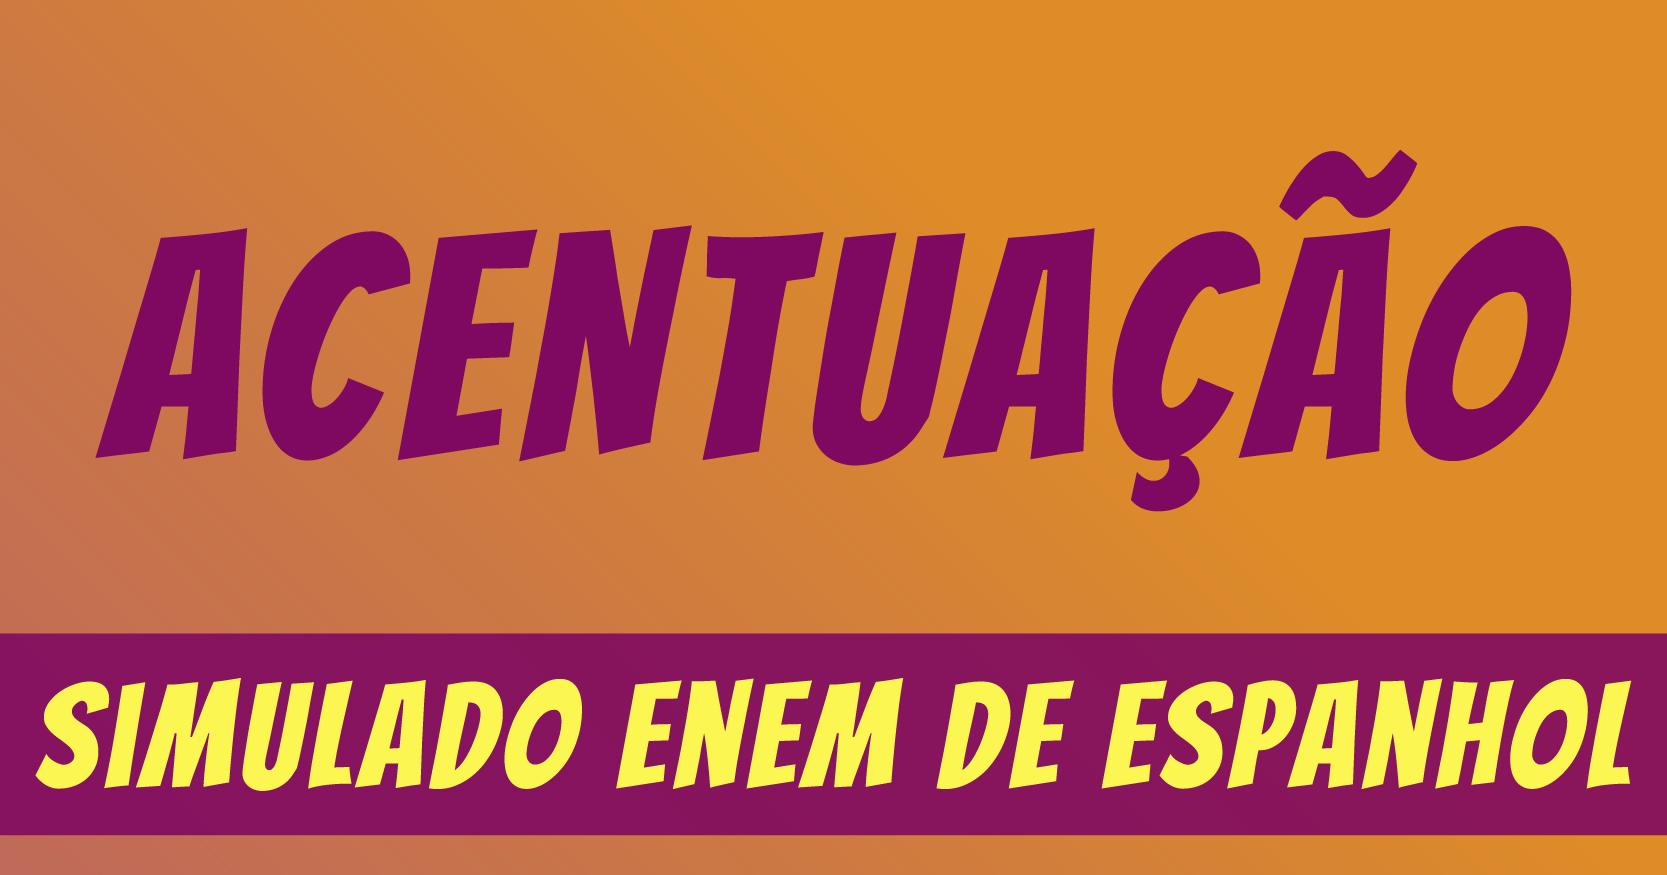 Simulado de acentuação em Espanhol